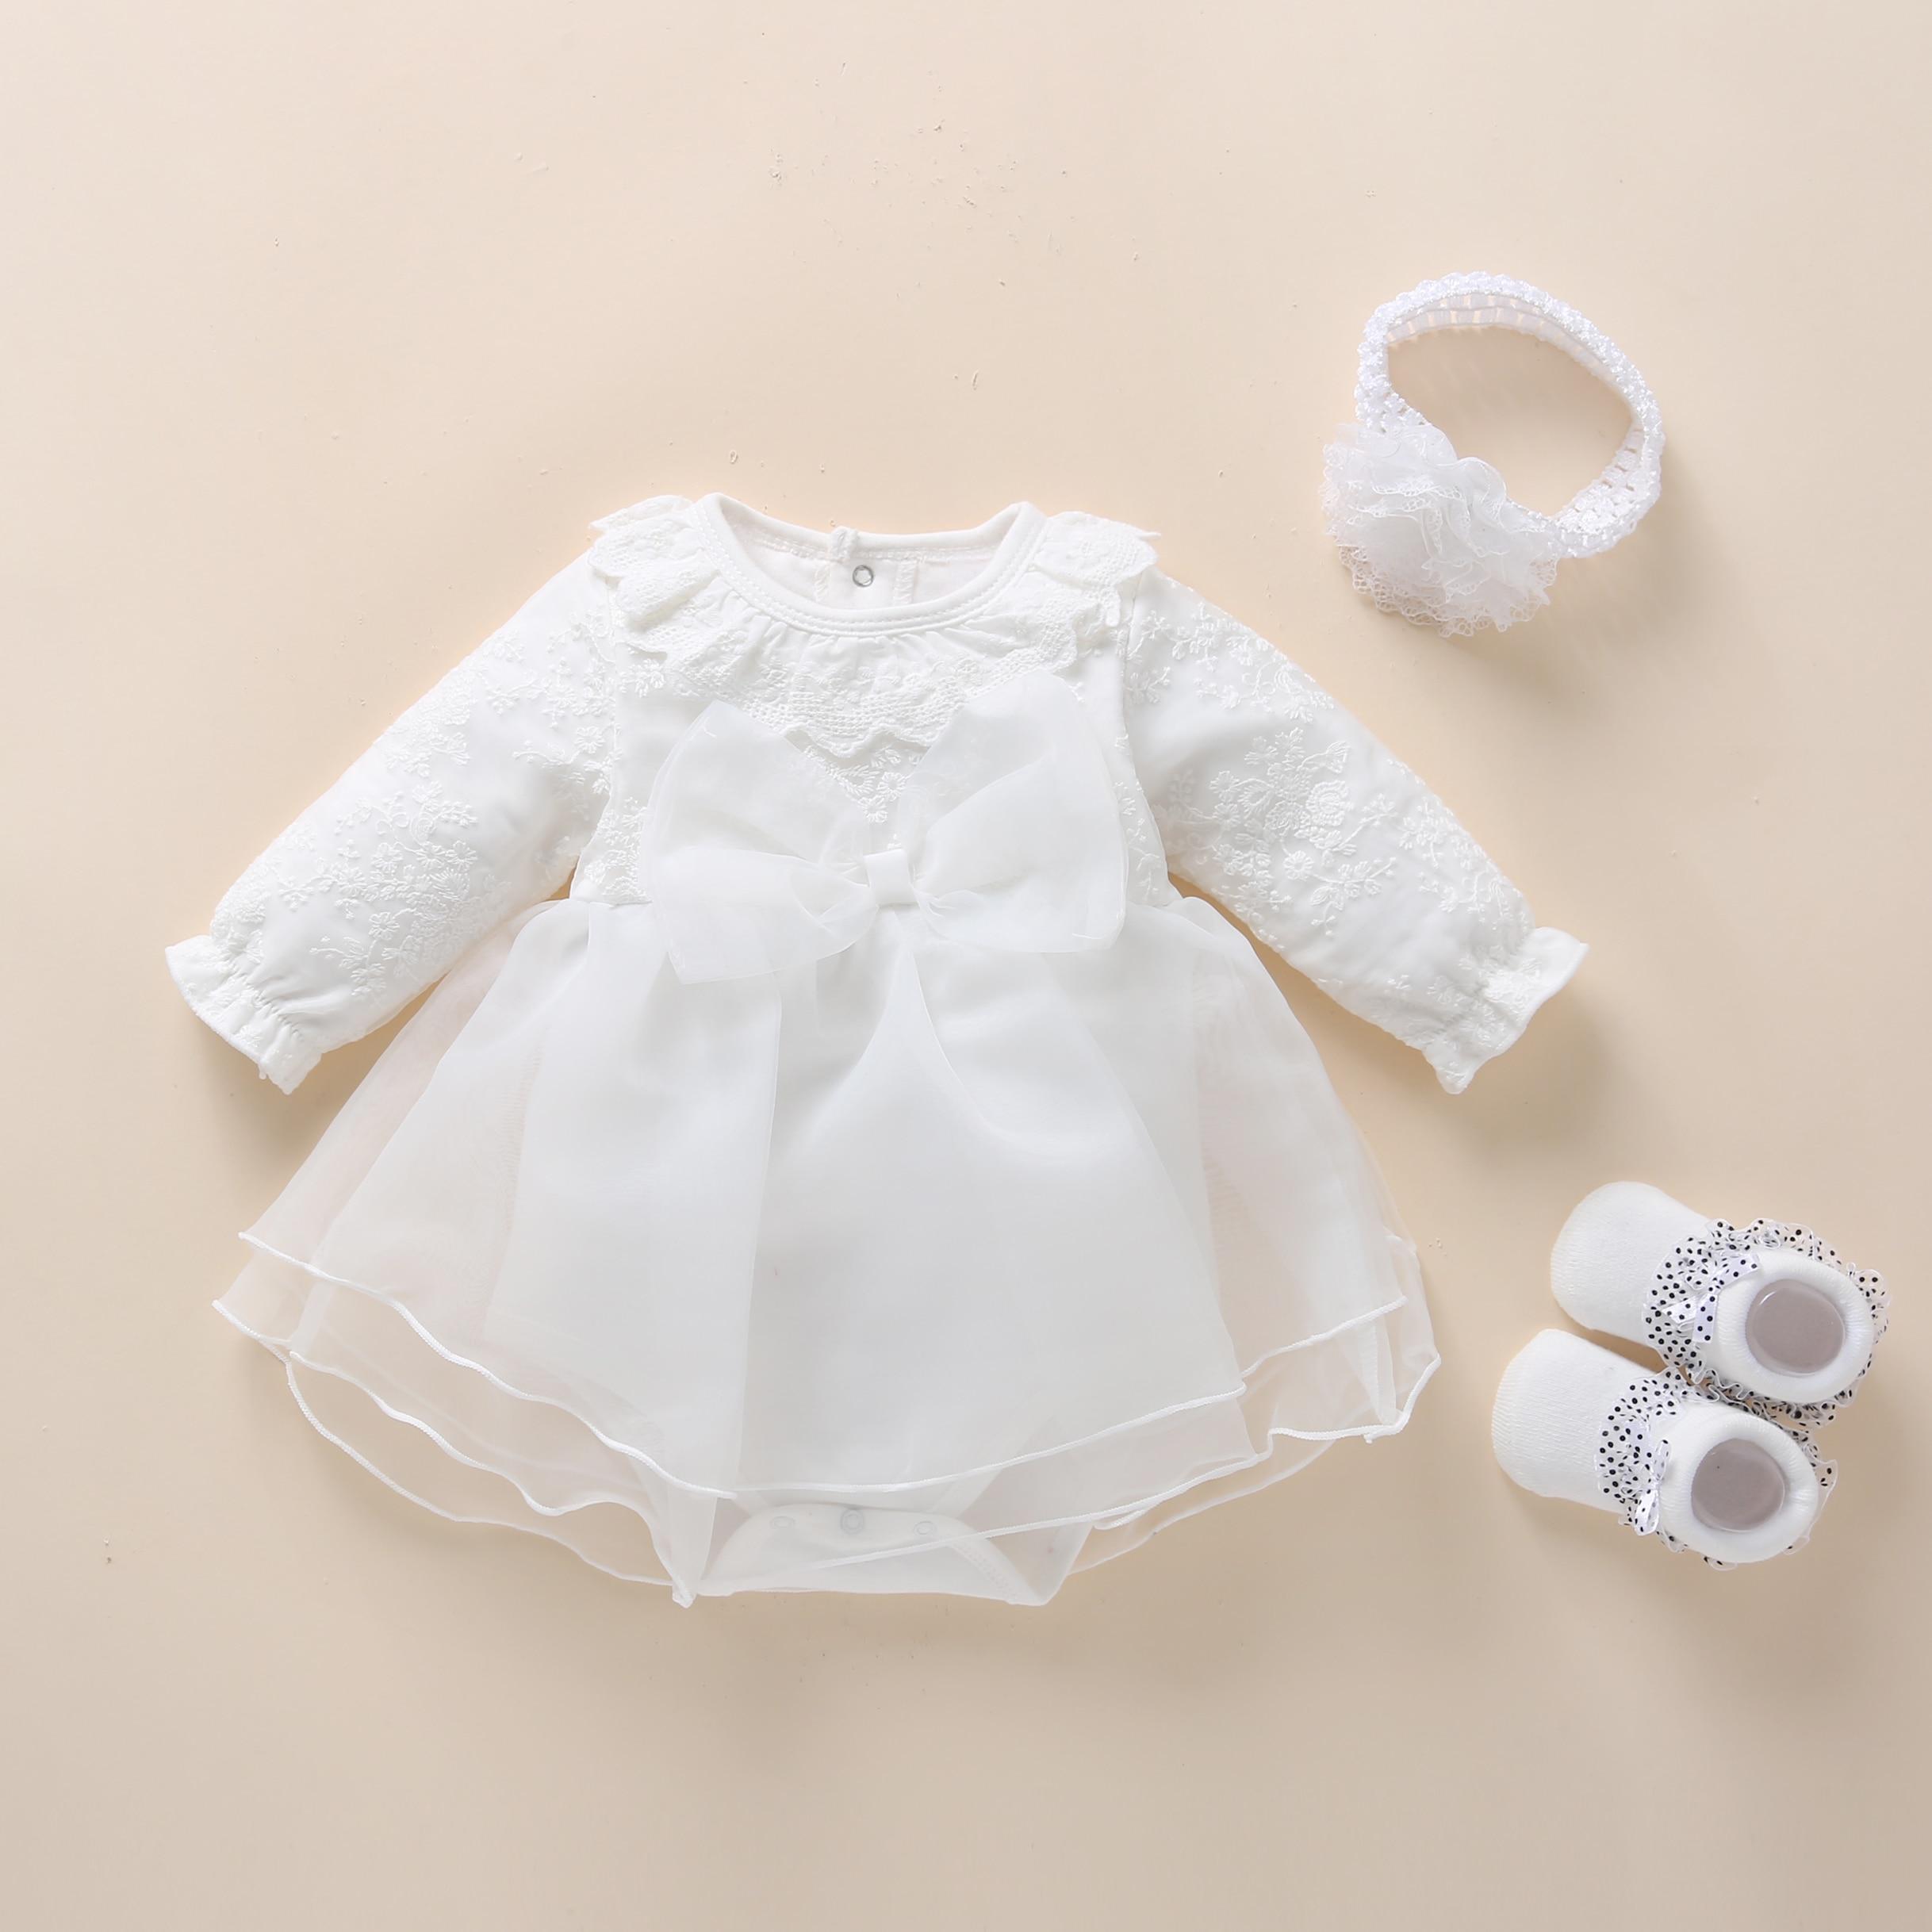 Белое платье для новорожденных, с длинным рукавом, на возраст 1 год